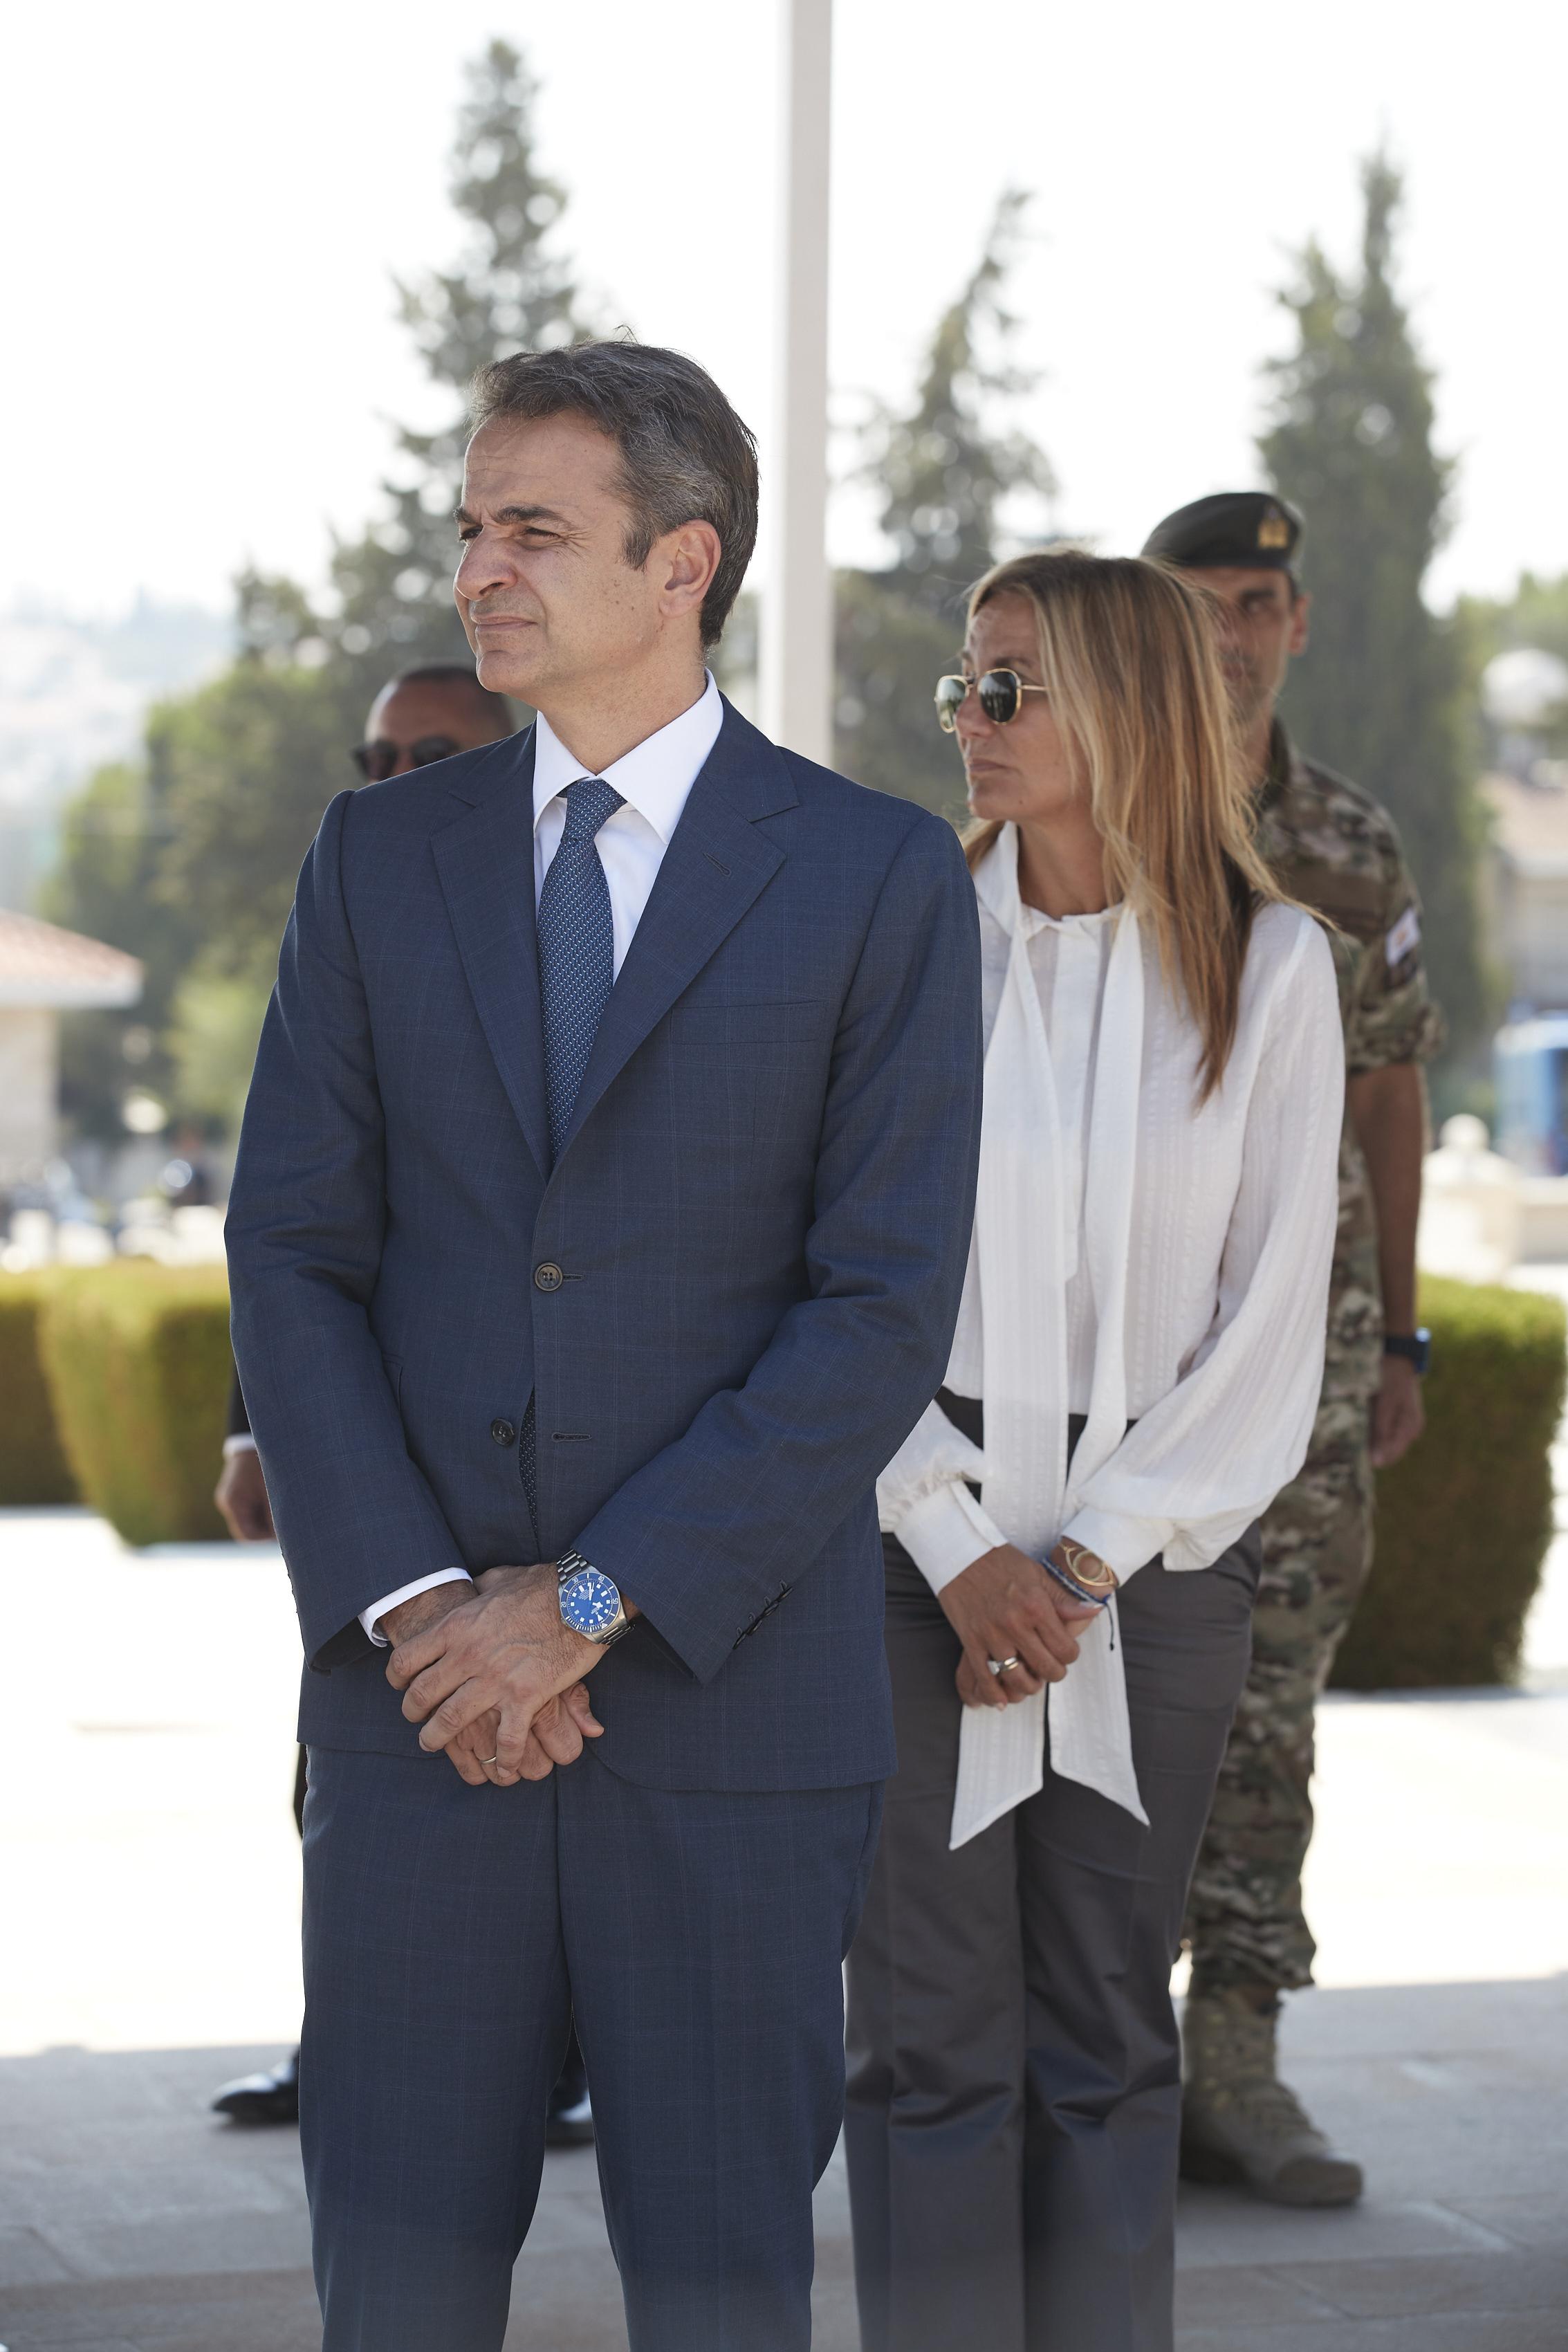 Ο Κυριάκος με τη σύζυγό του Μαρέβα, κατά την επίσκεψή τους στην Κύπρο